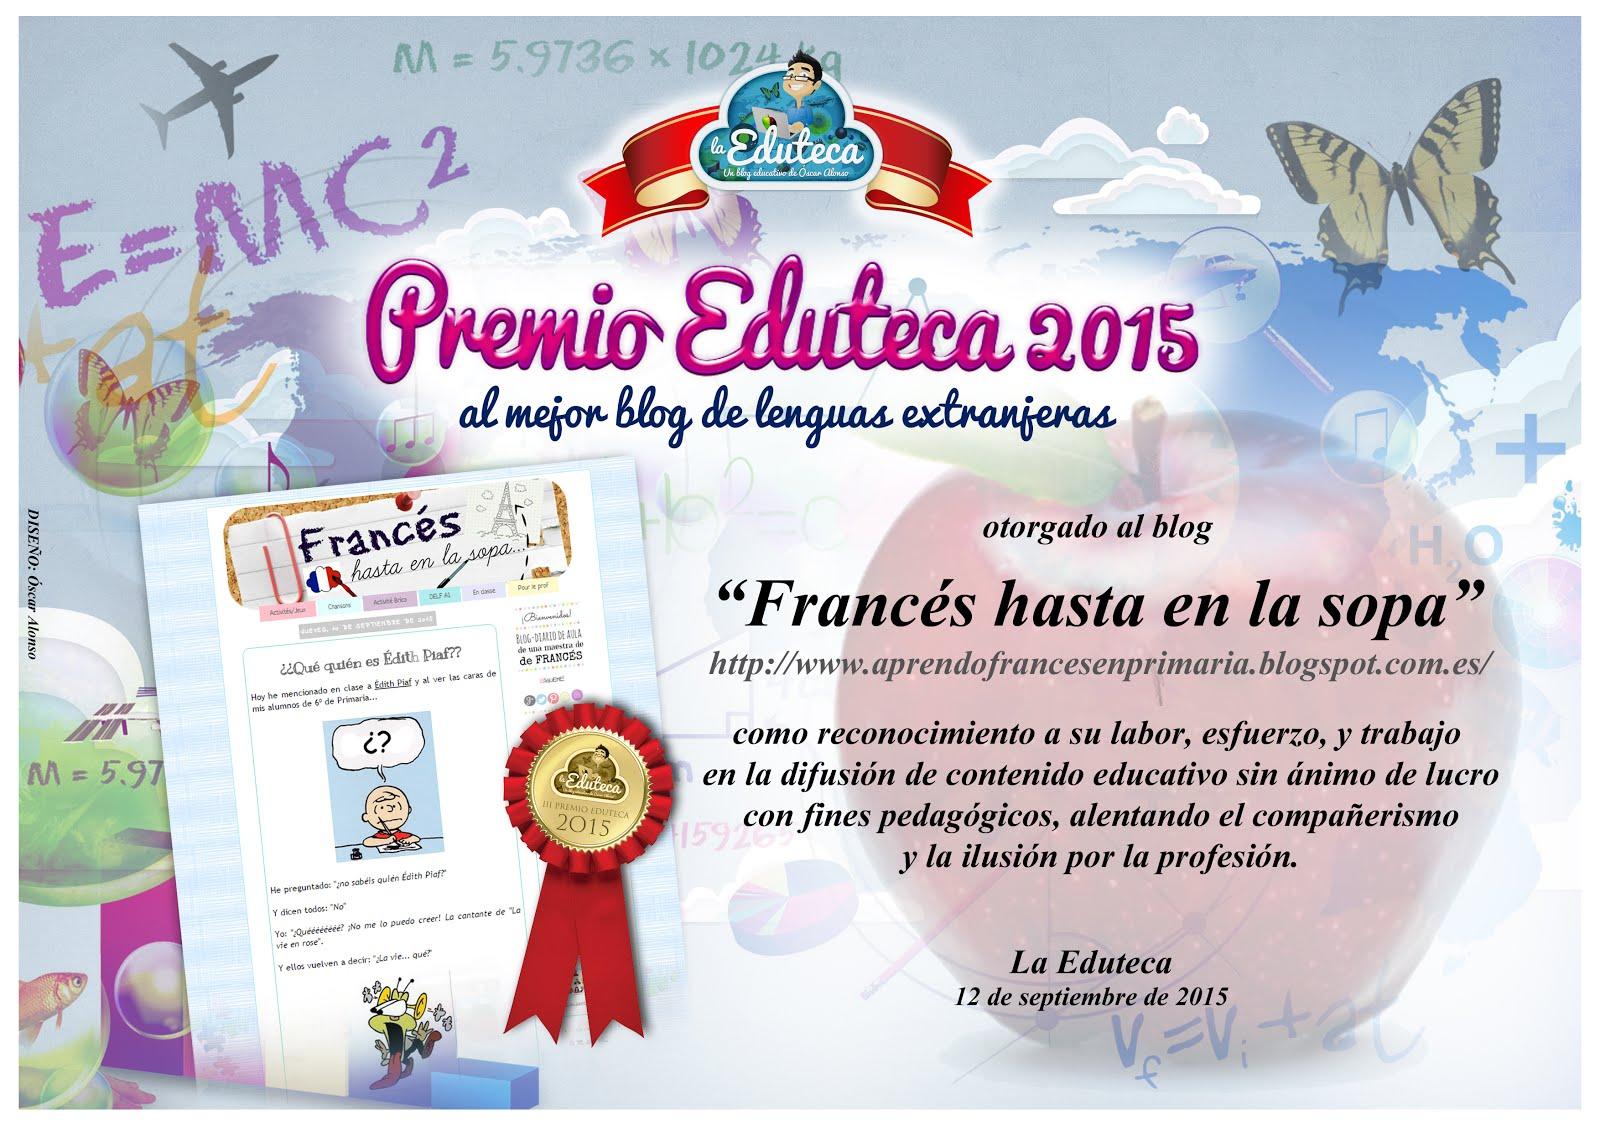 Mejor blog de lenguas extranjeras 2015